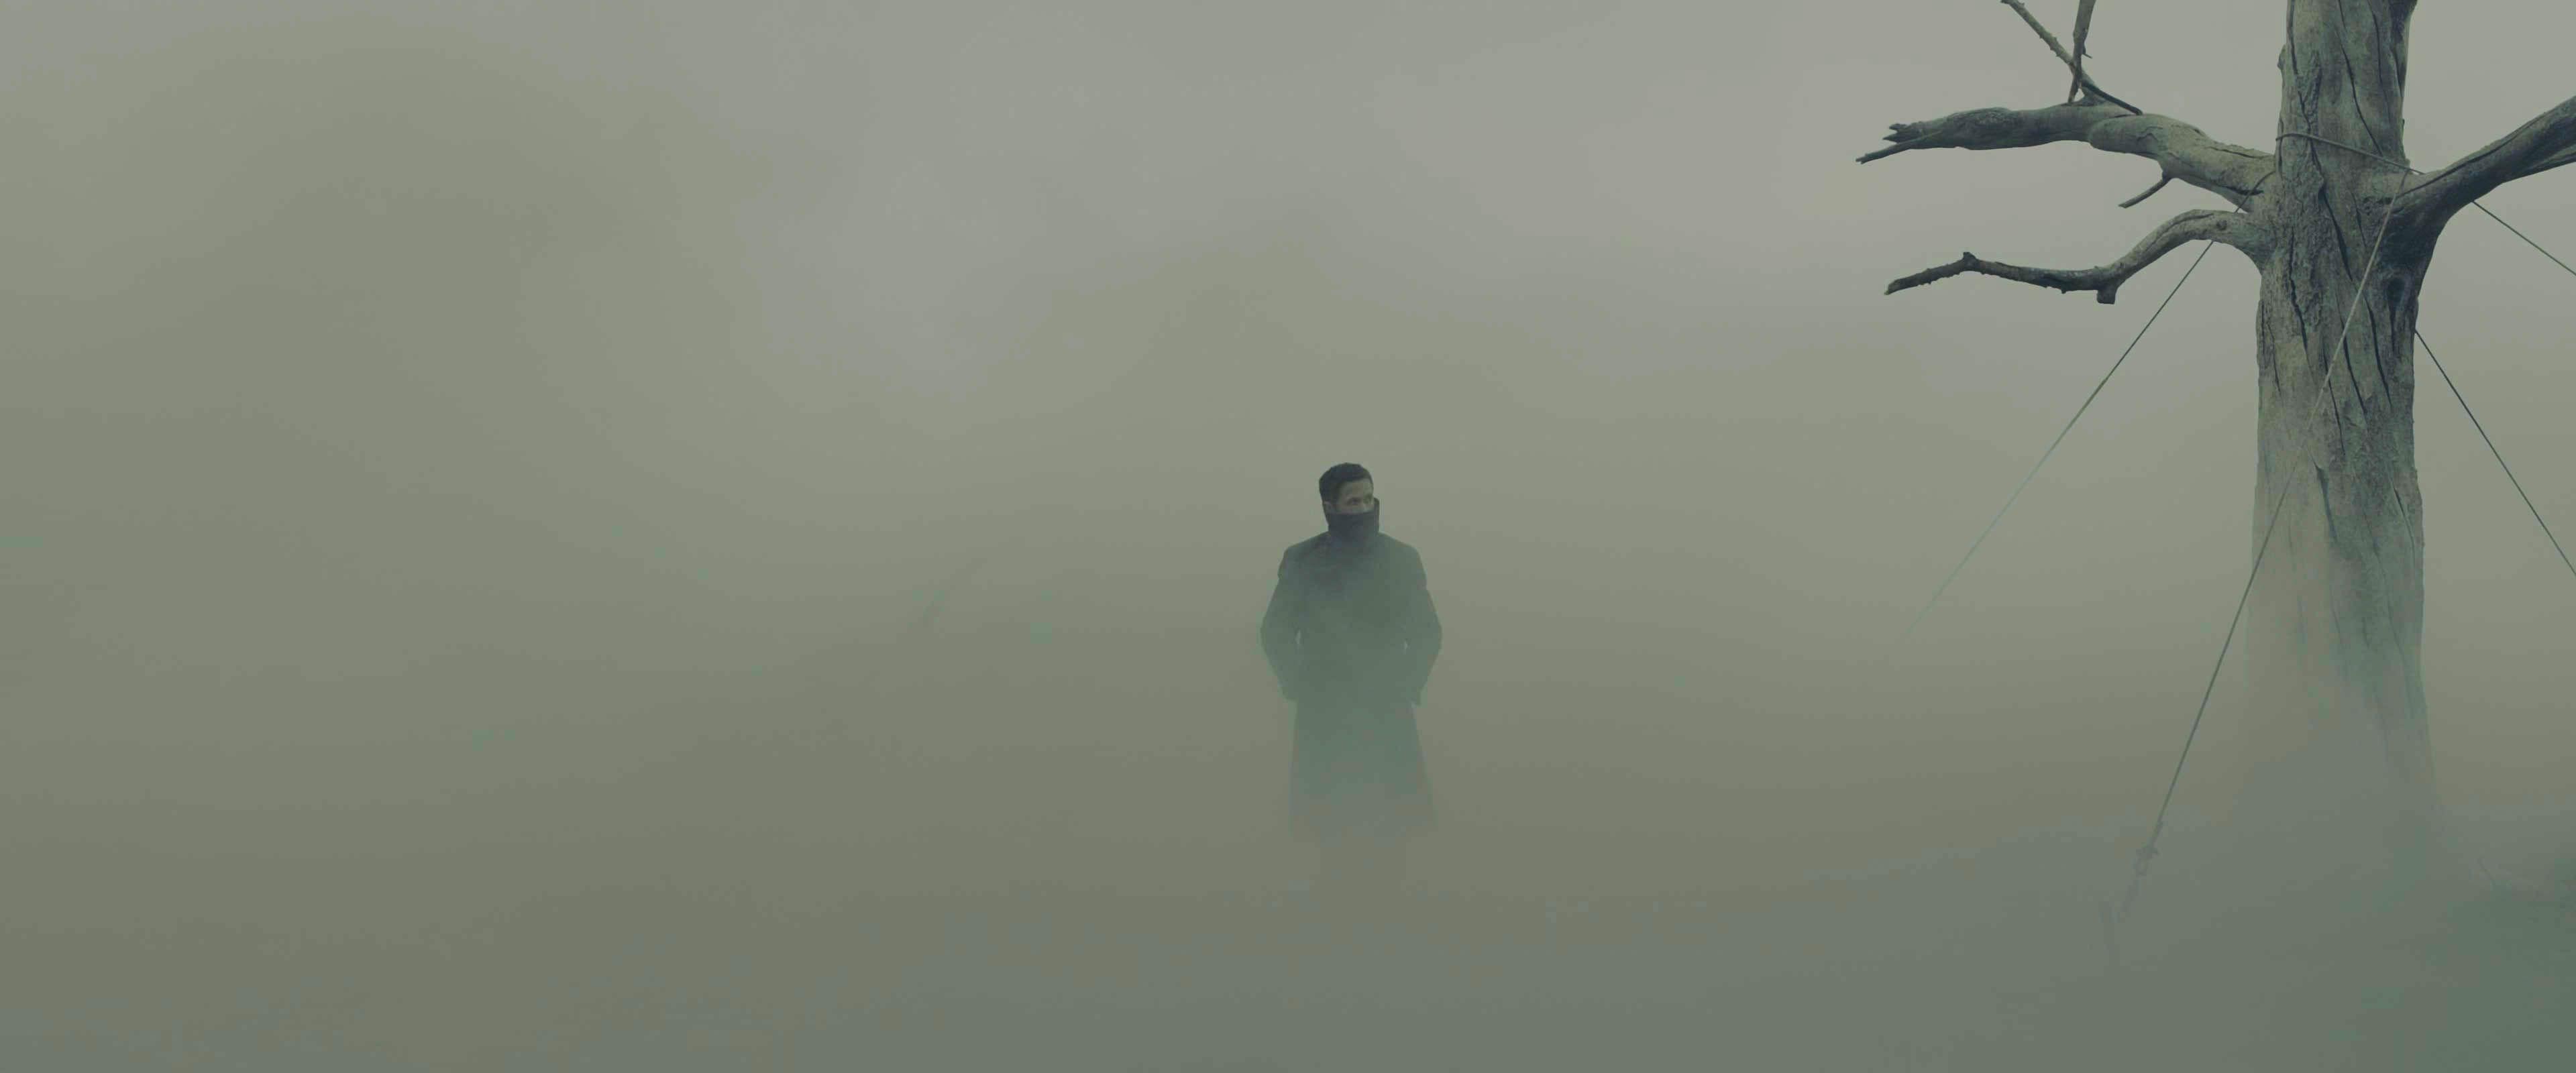 270 Blade Runner 2049 4k Screen Shots Frame Captures Luke Dowding On The Web Blade Runner 2049 Blade Runner Cyberpunk Aesthetic